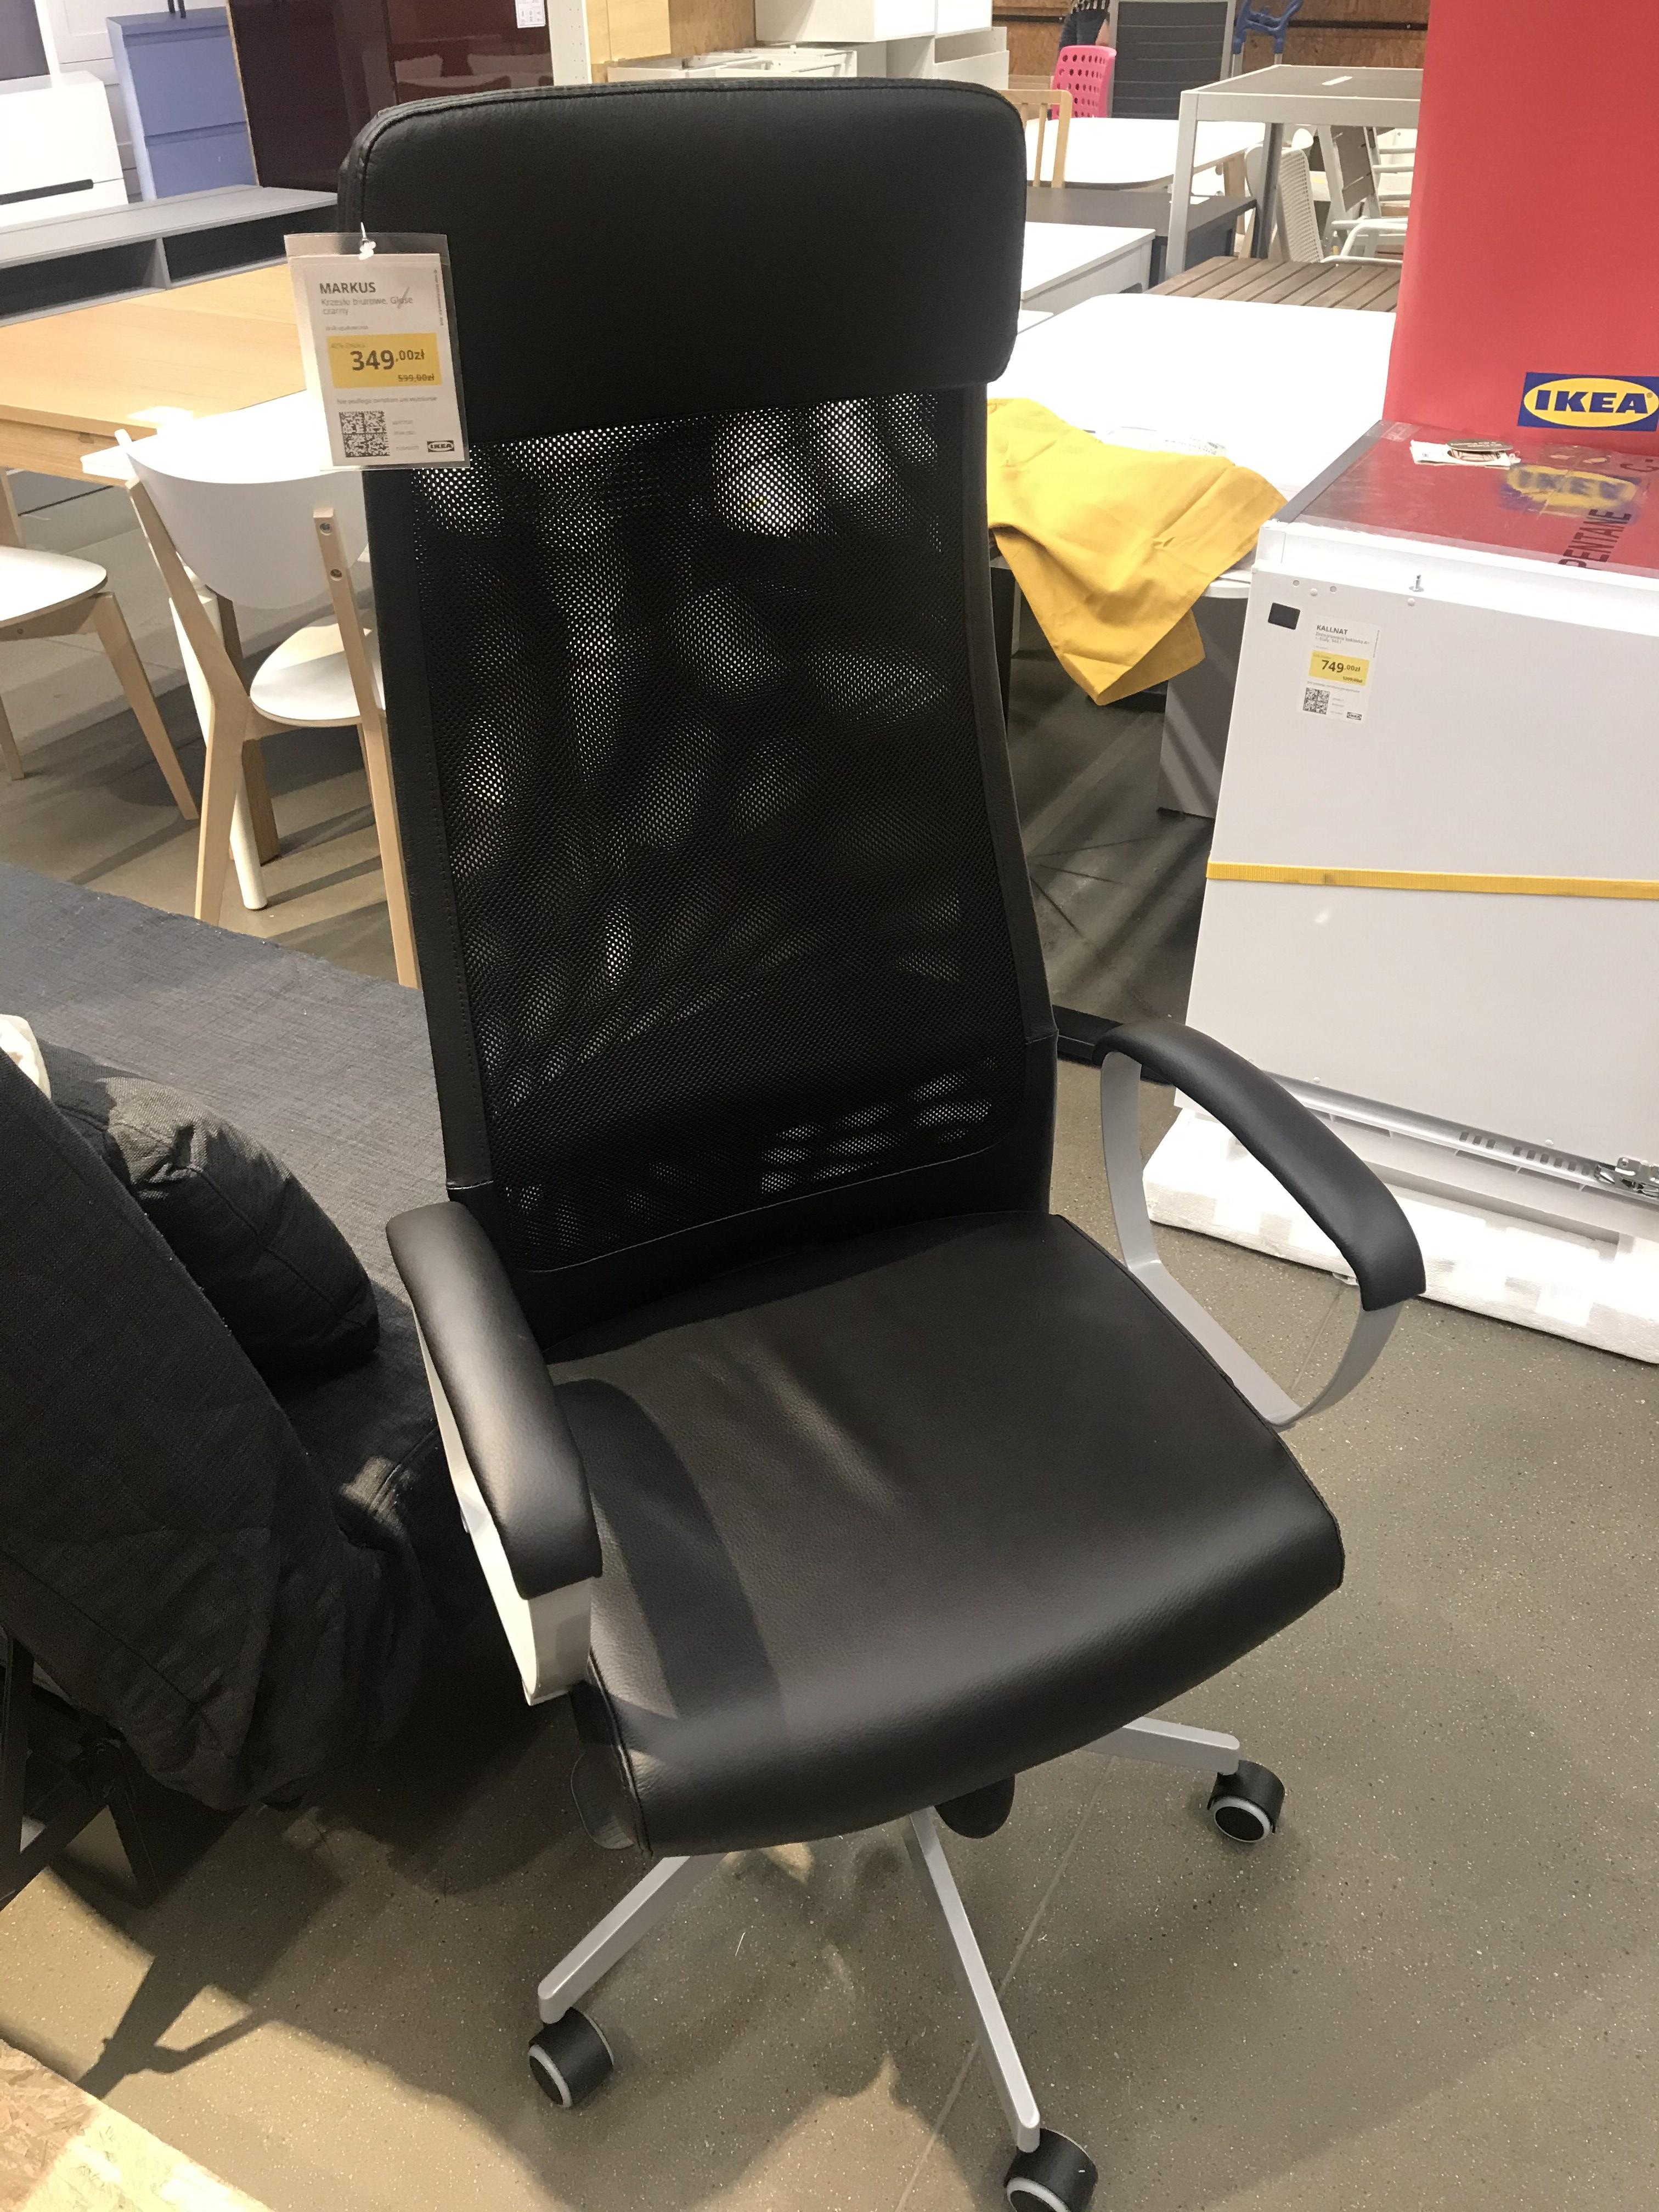 Krzesło Markus skórzane Ikea Gdańsk